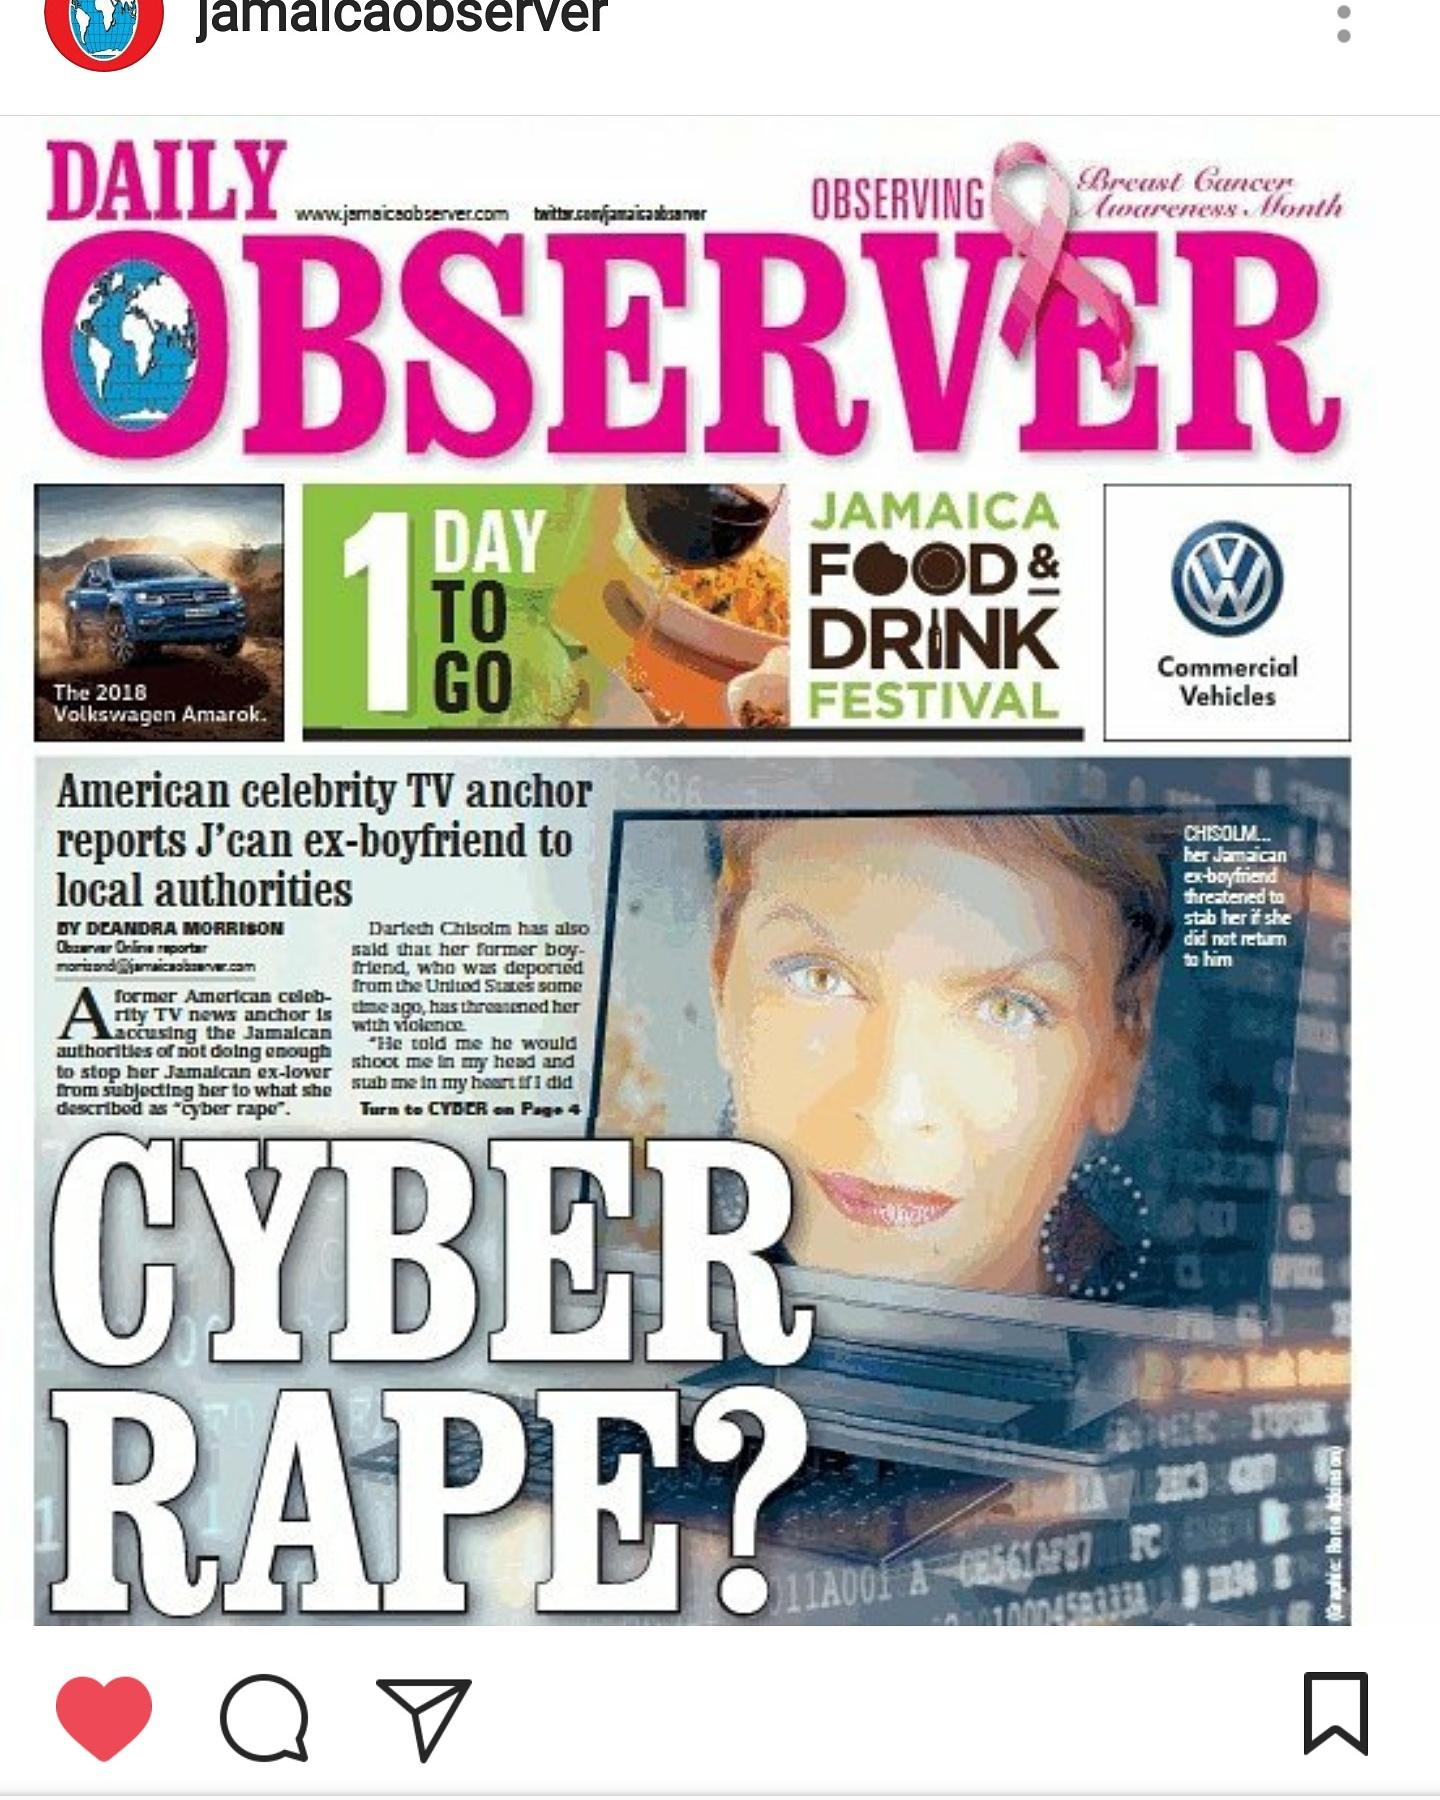 Cyber rape?